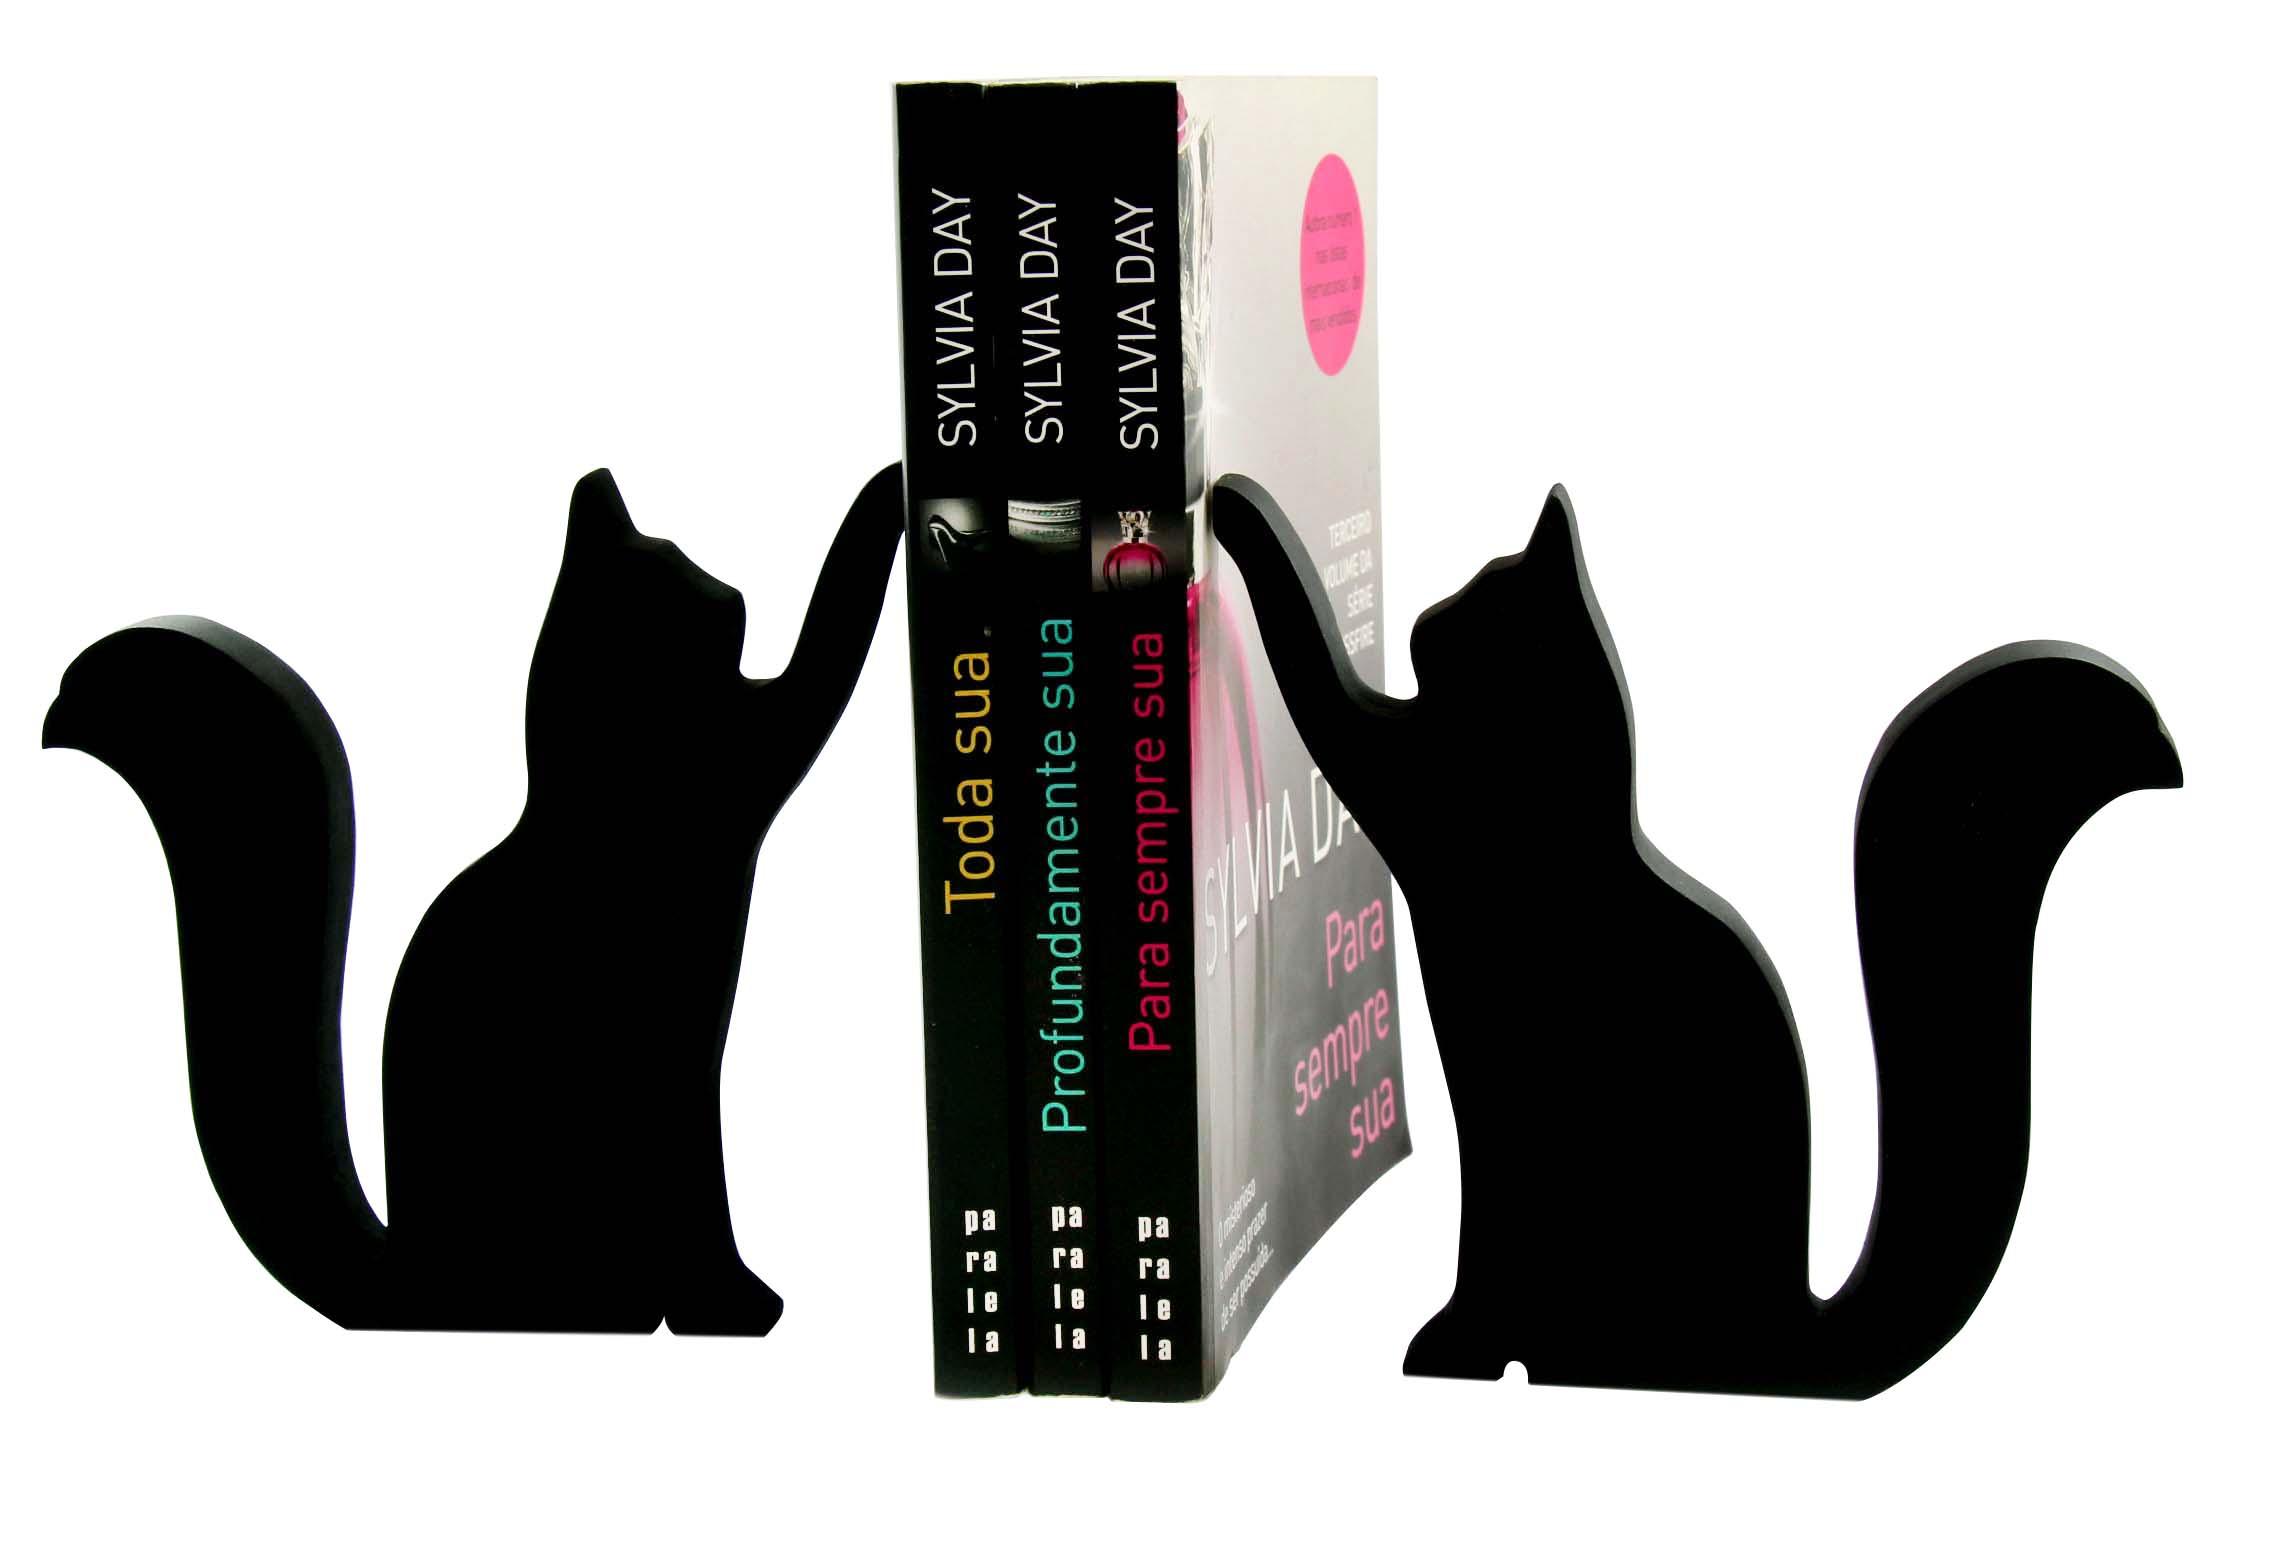 Adesivo Boteco Preto E Branco ~ Aparador de livros Gato Frete Grátis Lefranz decor Elo7